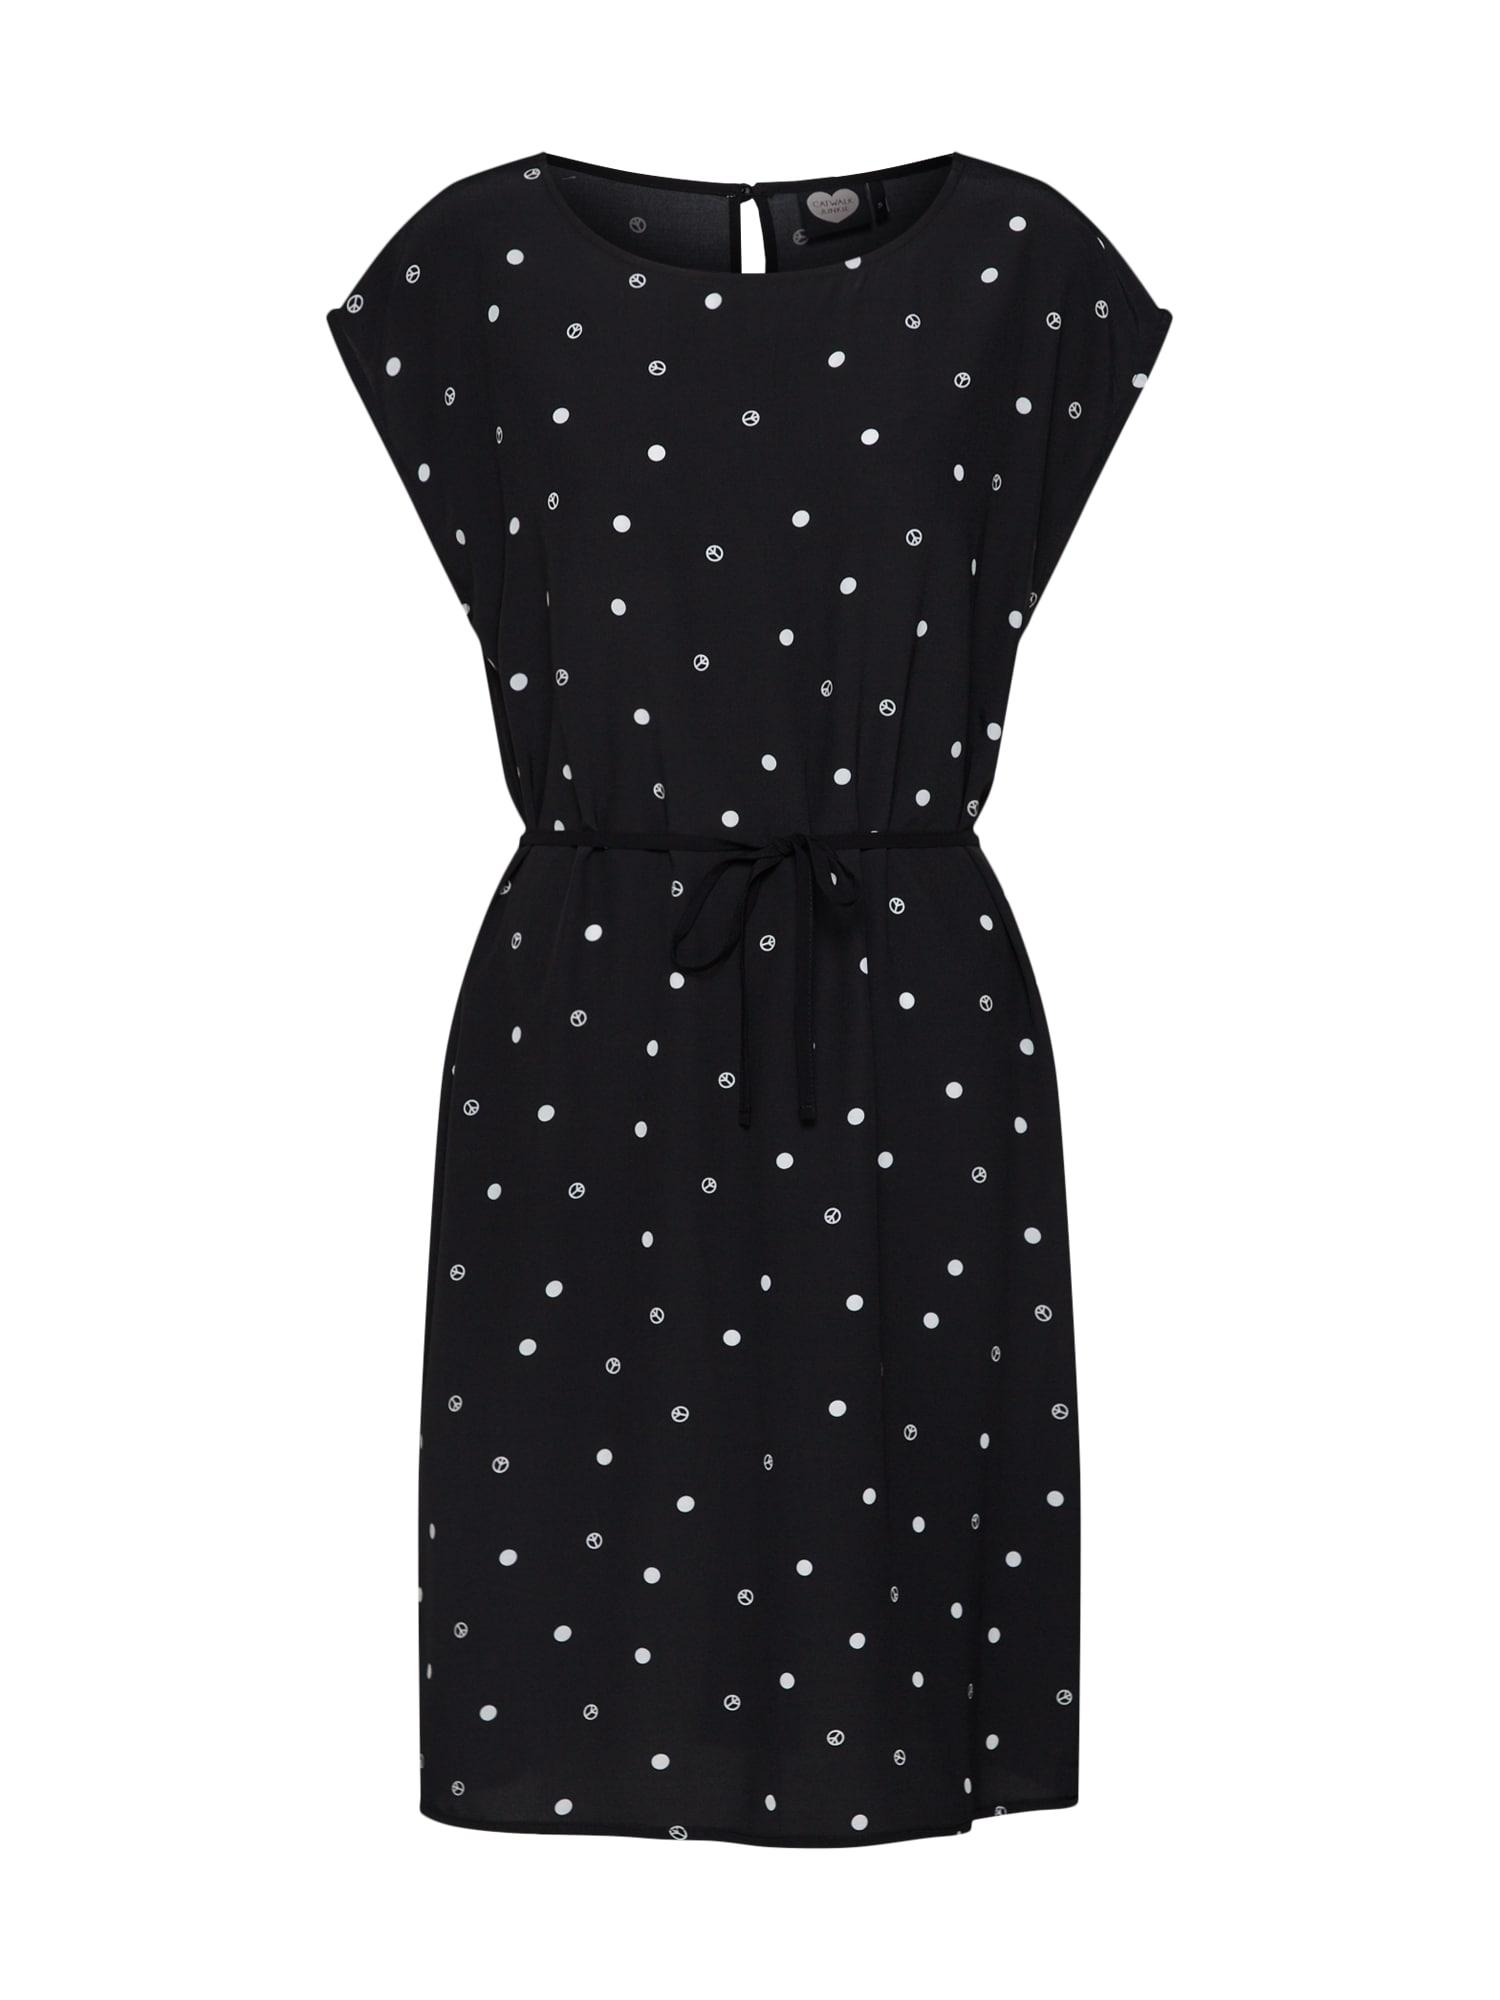 Letní šaty DR PEACE SPOTS černá bílá CATWALK JUNKIE